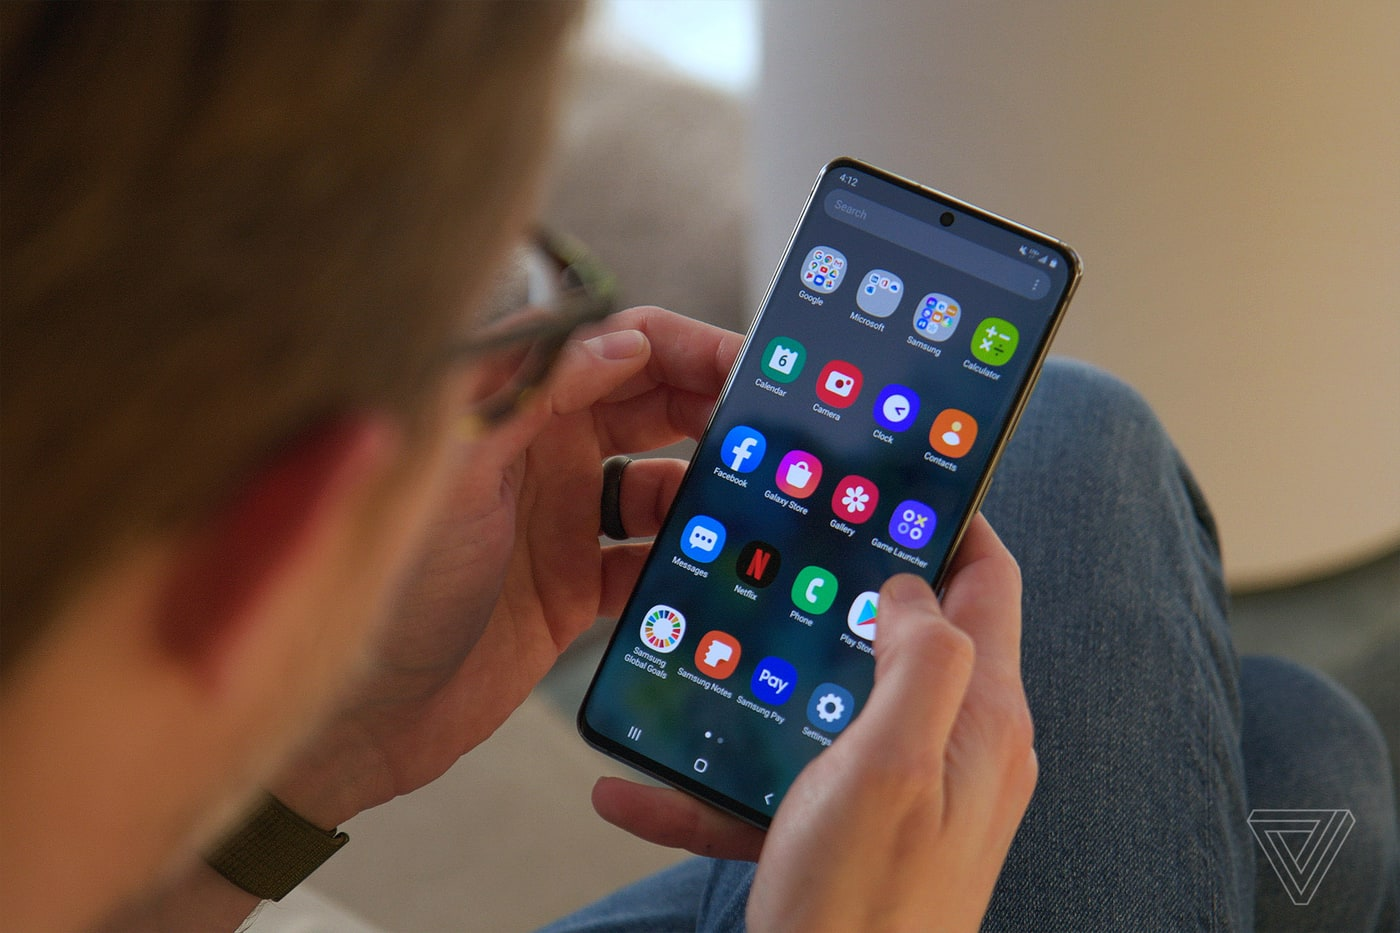 Điện thoại Galaxy S20 sẽ hỗ trợ tính năng hiển thị phụ đề trực tiếp Live Caption của Google | Theo đó, bộ ba điện thoại Galaxy S20 của Samsung sẽ là những chiếc điện thoại Android đầu tiên ngoài Pixel hỗ trợ tính năng hiển thị phụ đề trực tiếp Live Caption cực kỳ hữu ích do Google phát triển. Dòng điện thoại Galaxy S20 của Samsung vừa ra mắt đêm qua sẽ là những chiếc điện thoại Android đầu tiên ngoại trừ Pixel được trang bị tính năng hiển thị phụ đề trực tiếp cho video Live Caption do Google phát triển. Tính năng này có khả năng chuyển giọng nói trong các đoạn video thành phụ đề theo thời gian thực với độ chính xác tuyệt vời – ngay cả khi tiếng nói đó có mức âm lượng thấp. Tính năng Live Caption đã xuất hiện lần đầu tiên trên điện thoại Pixel 4 chạy Android 10 ra mắt năm ngoái – và Google coi đây là một công cụ hữu ích trong số các tính năng hỗ trợ cho người khuyết tật. Tính năng này sau đó đã được triển khai cho các mẫu điện thoại Pixel cũ hơn, song Samsung là hãng sản xuất smartphone đầu tiên ngoài Google cung cấp tính năng này cho sản phẩm của mình.  Live Caption hoạt động hoàn toàn trên thiết bị cục bộ của người dùng và không gửi bất kỳ dữ liệu nào về các máy chủ của Google để xử lý hay chia sẻ với hãng khổng lồ tìm kiếm. Tính năng này cũng không hoạt động với các bài hát, các cuộc gọi điện thoại thông thường hoặc cuộc gọi VoIP. Các nhà phát triển ứng dụng cũng có thể lựa chọn không cho phép chia sẻ các âm thanh do ứng dụng của họ tạo ra với hệ thống – và trong trường hợp như vậy, tính năng Live Caption sẽ không thể hoạt động đúng.